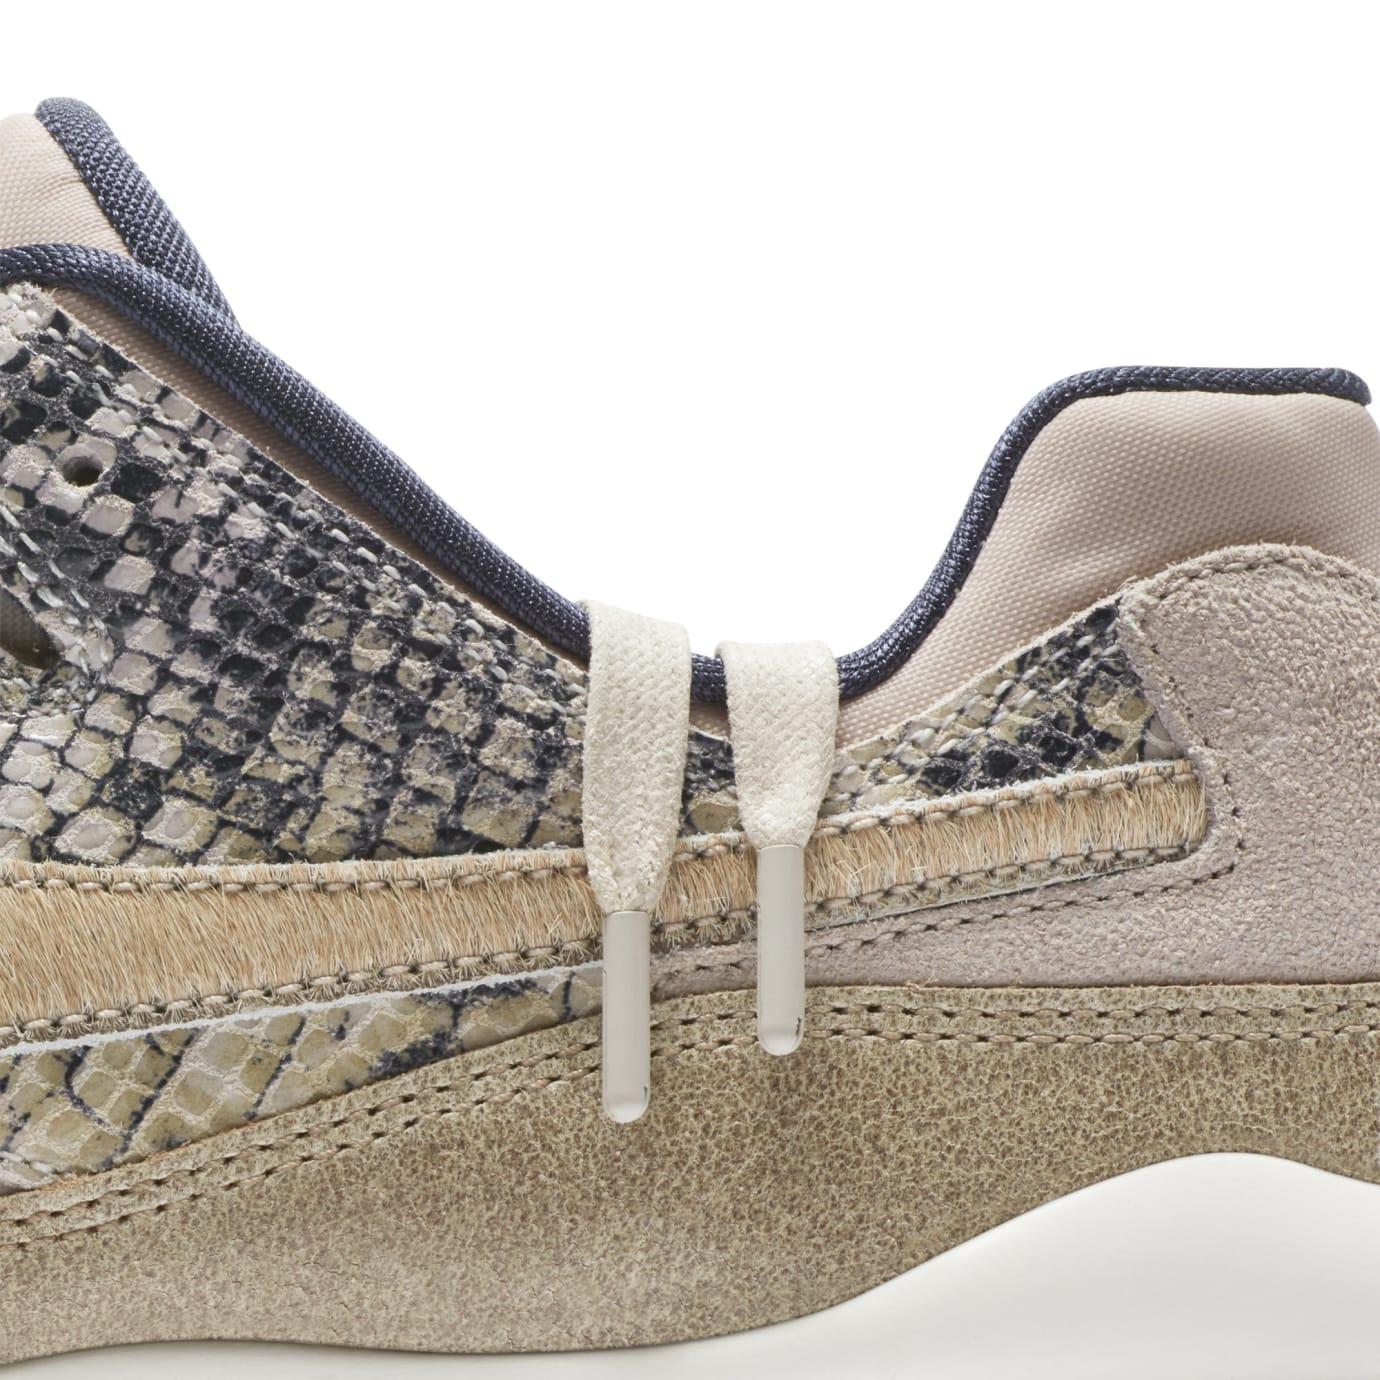 Nike Air Max 94 'Snakeskin' AT8439-001 (Detail)